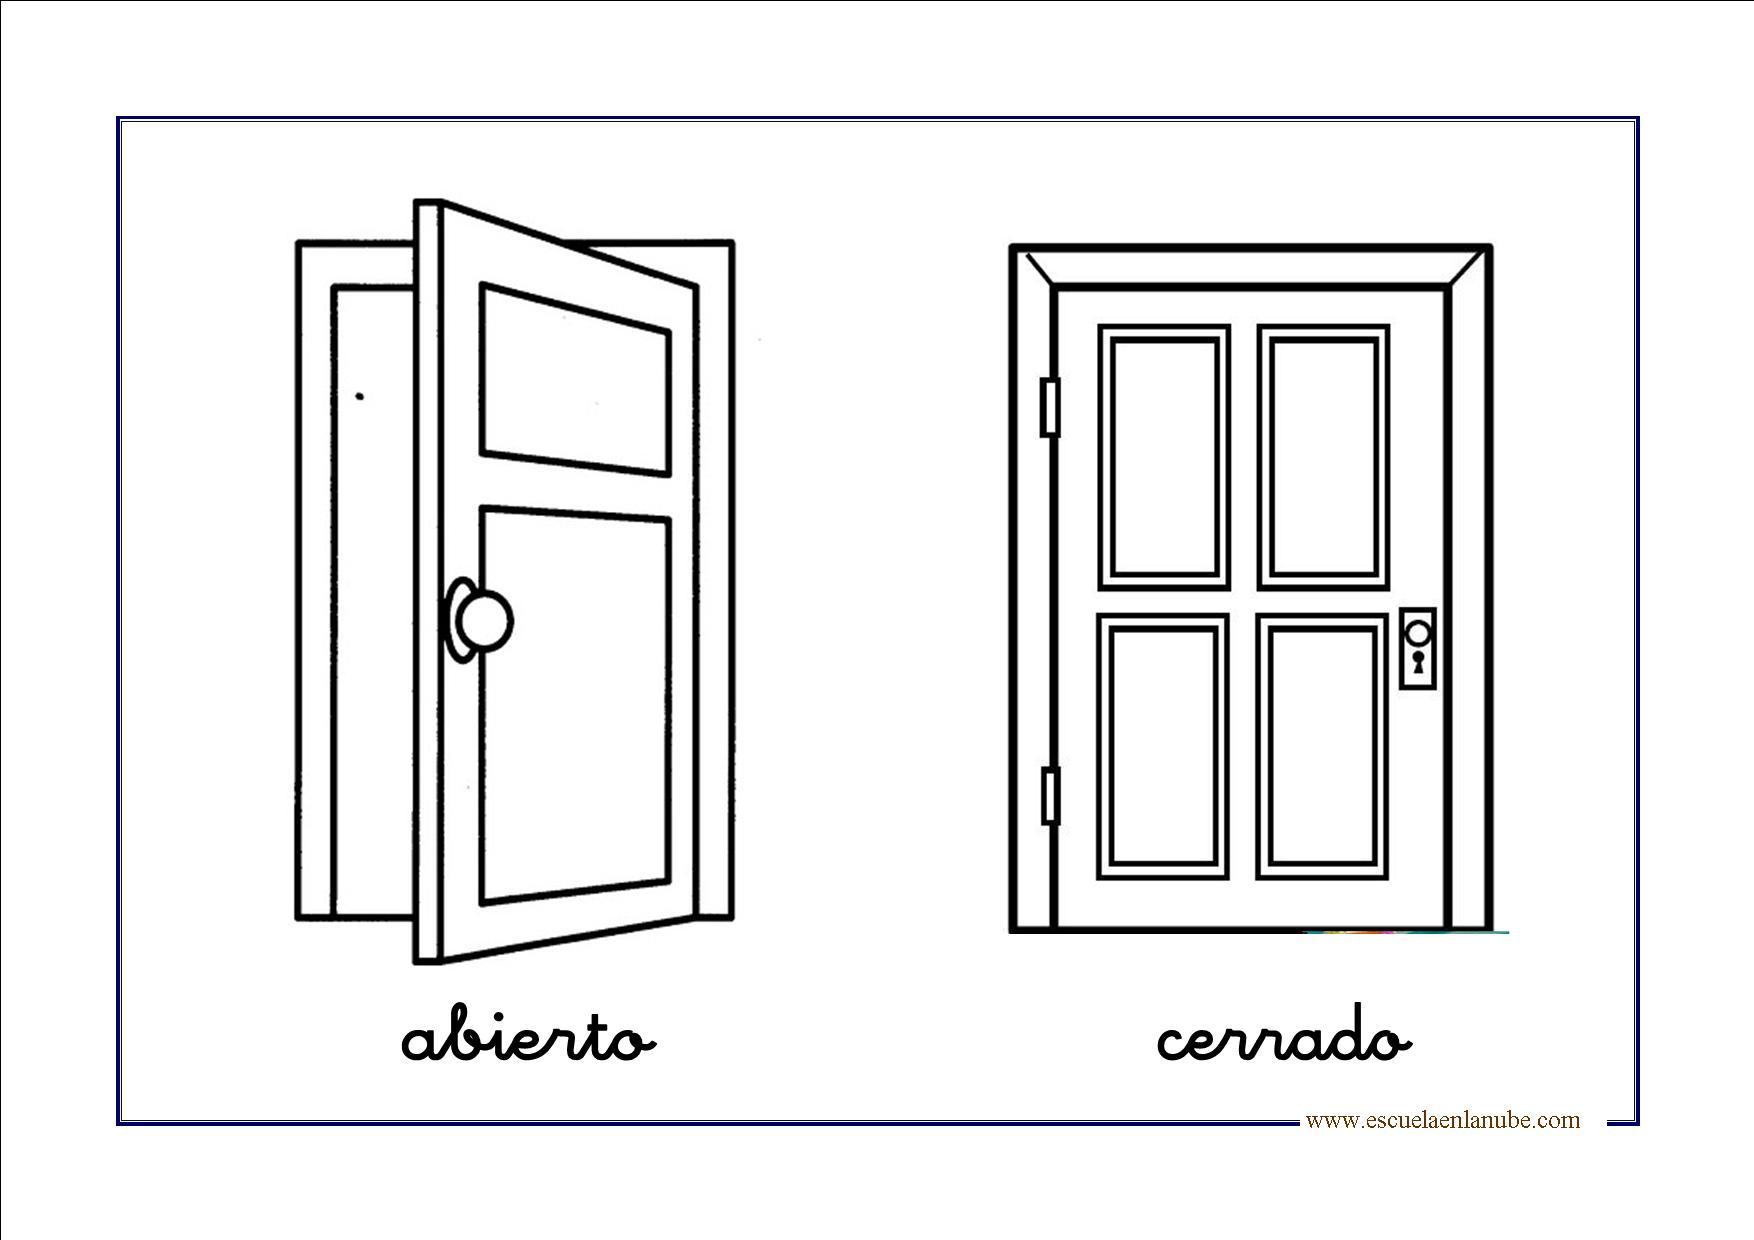 JUEGOS SENCILLOS EDUCACION ESPECIAL: conceptos basicos ABIERTO/CERRADO